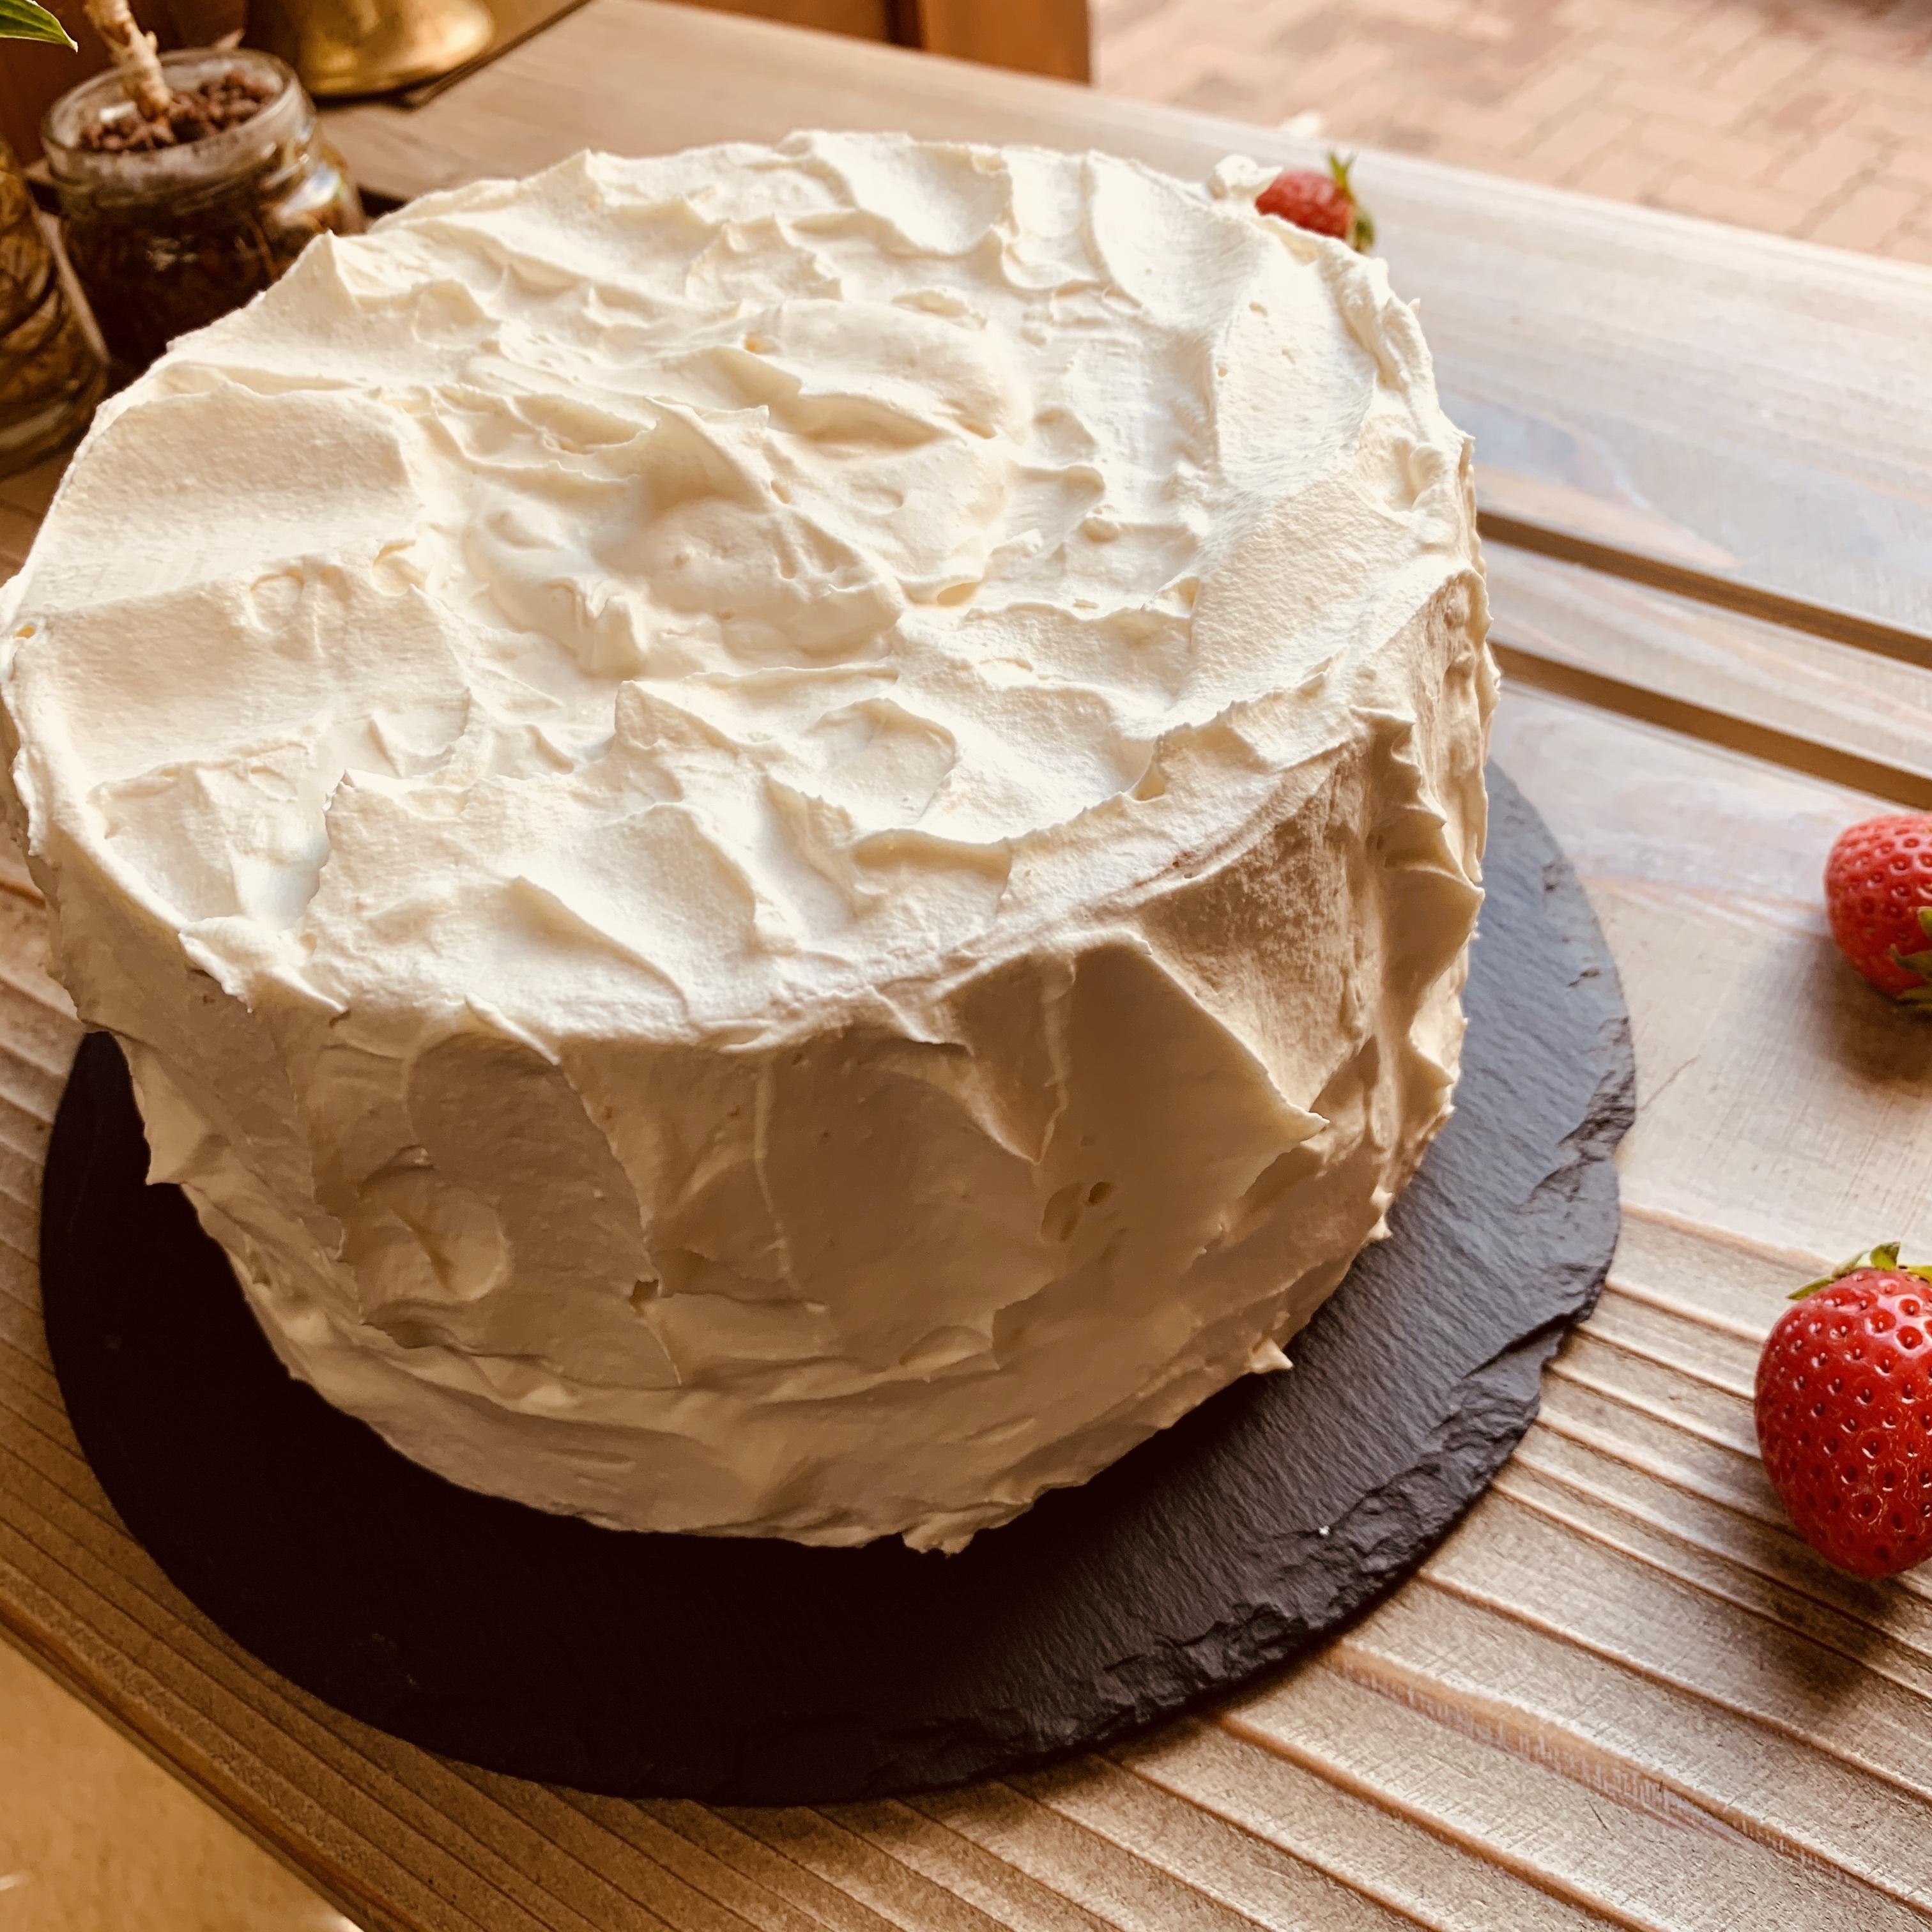 配送専用 おうちで仕上げるバースデーケーキ 米粉のシフォンケーキ ※必ず説明をお読みください